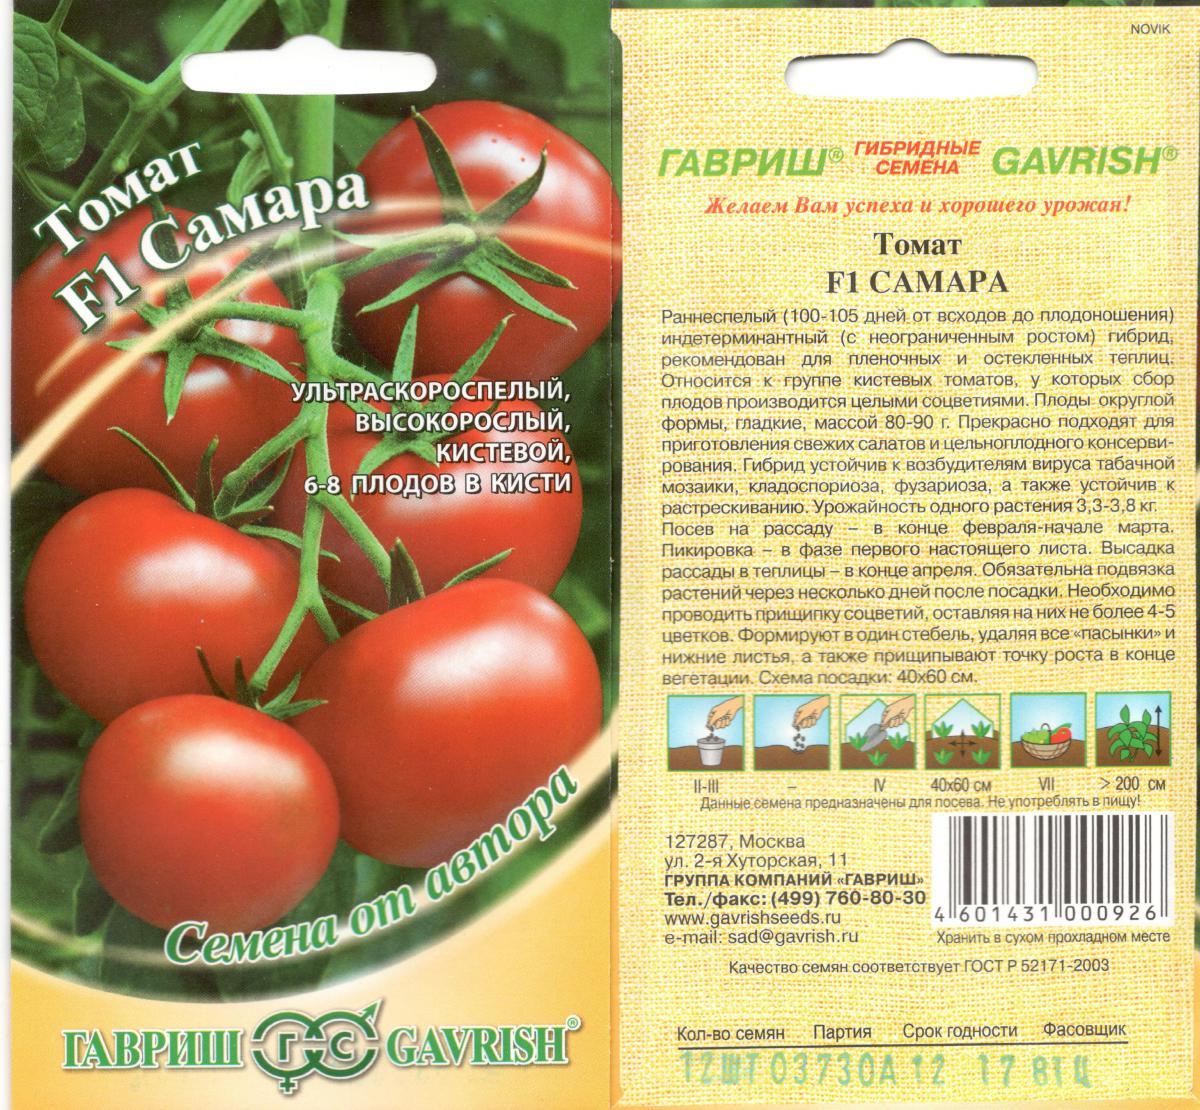 Семена помидор + самые лучшие сорта томатов для сибири. каталог на 2021 год